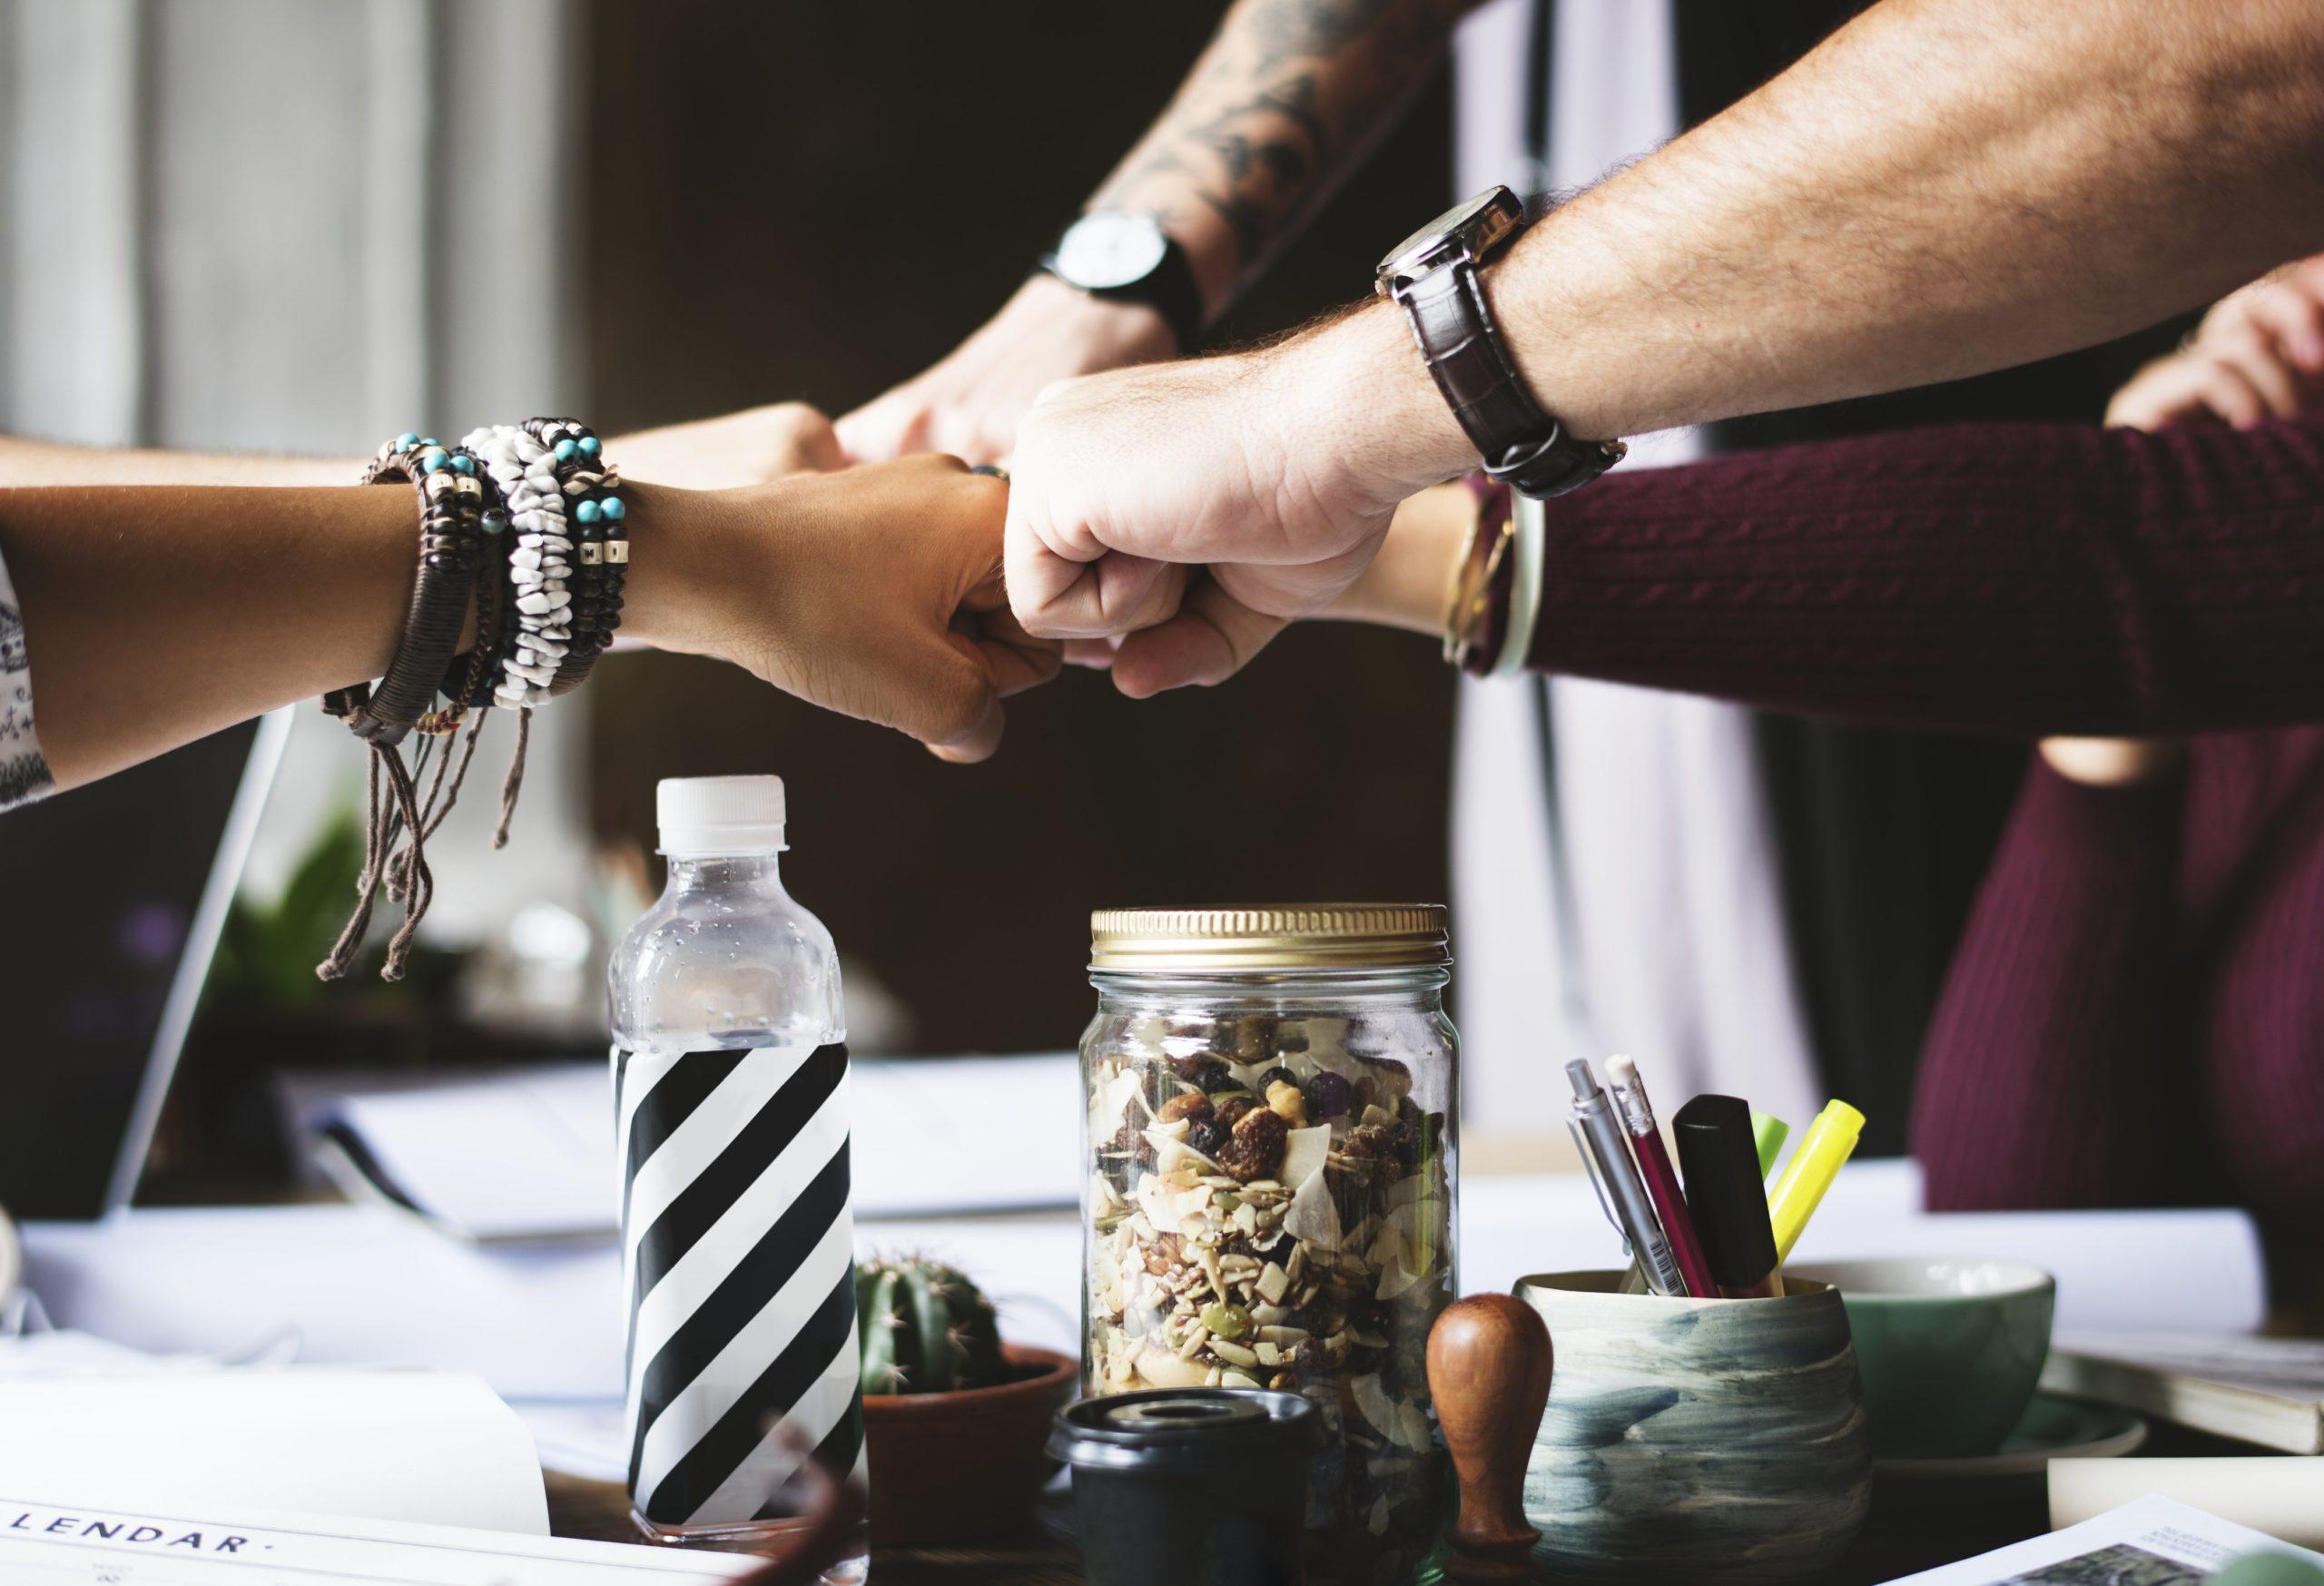 Comment créer de l'engagement lors d'un événement digital pour qu'il soit impactant ?